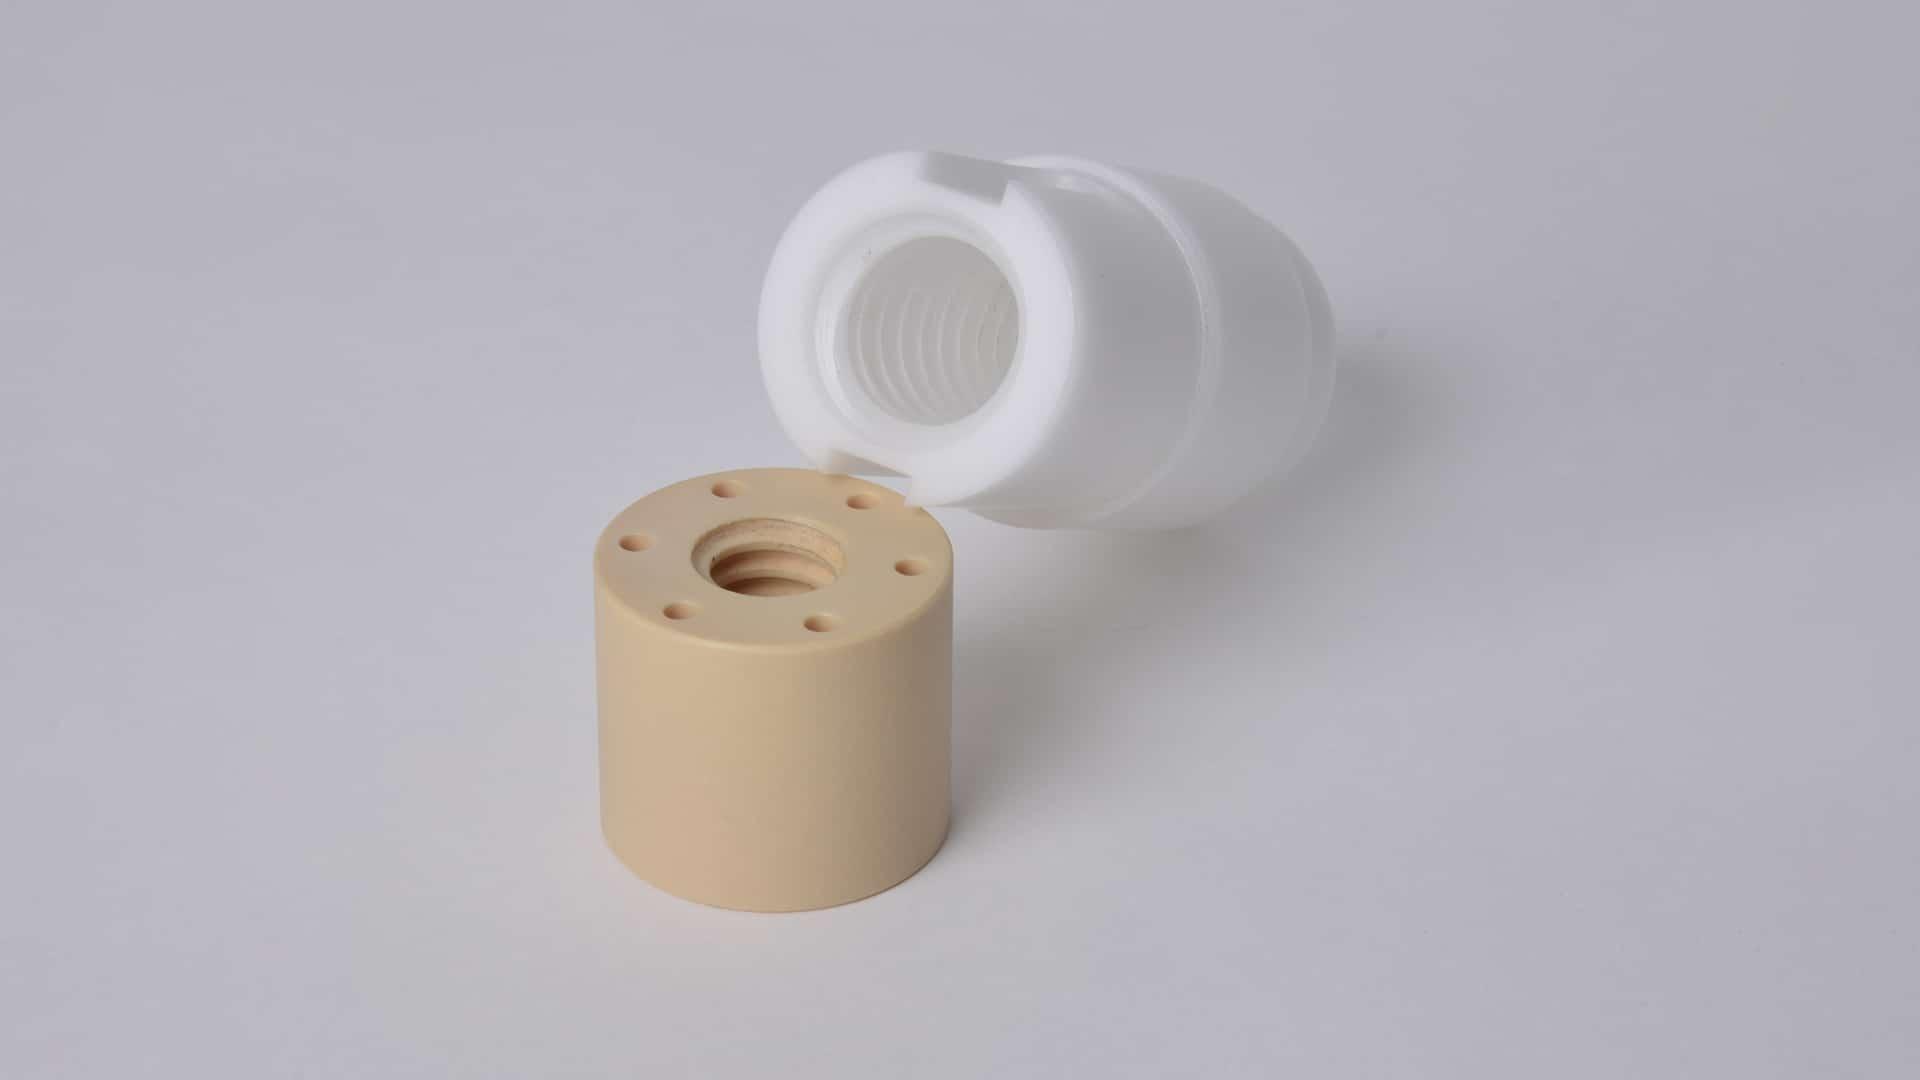 Tragmutter mit Bewegungsgewinde mit FDA, 3A, USP ClassVI, EU 10/2011, pyhsiologisch unbedenklich für Getränke und Lebensmittel